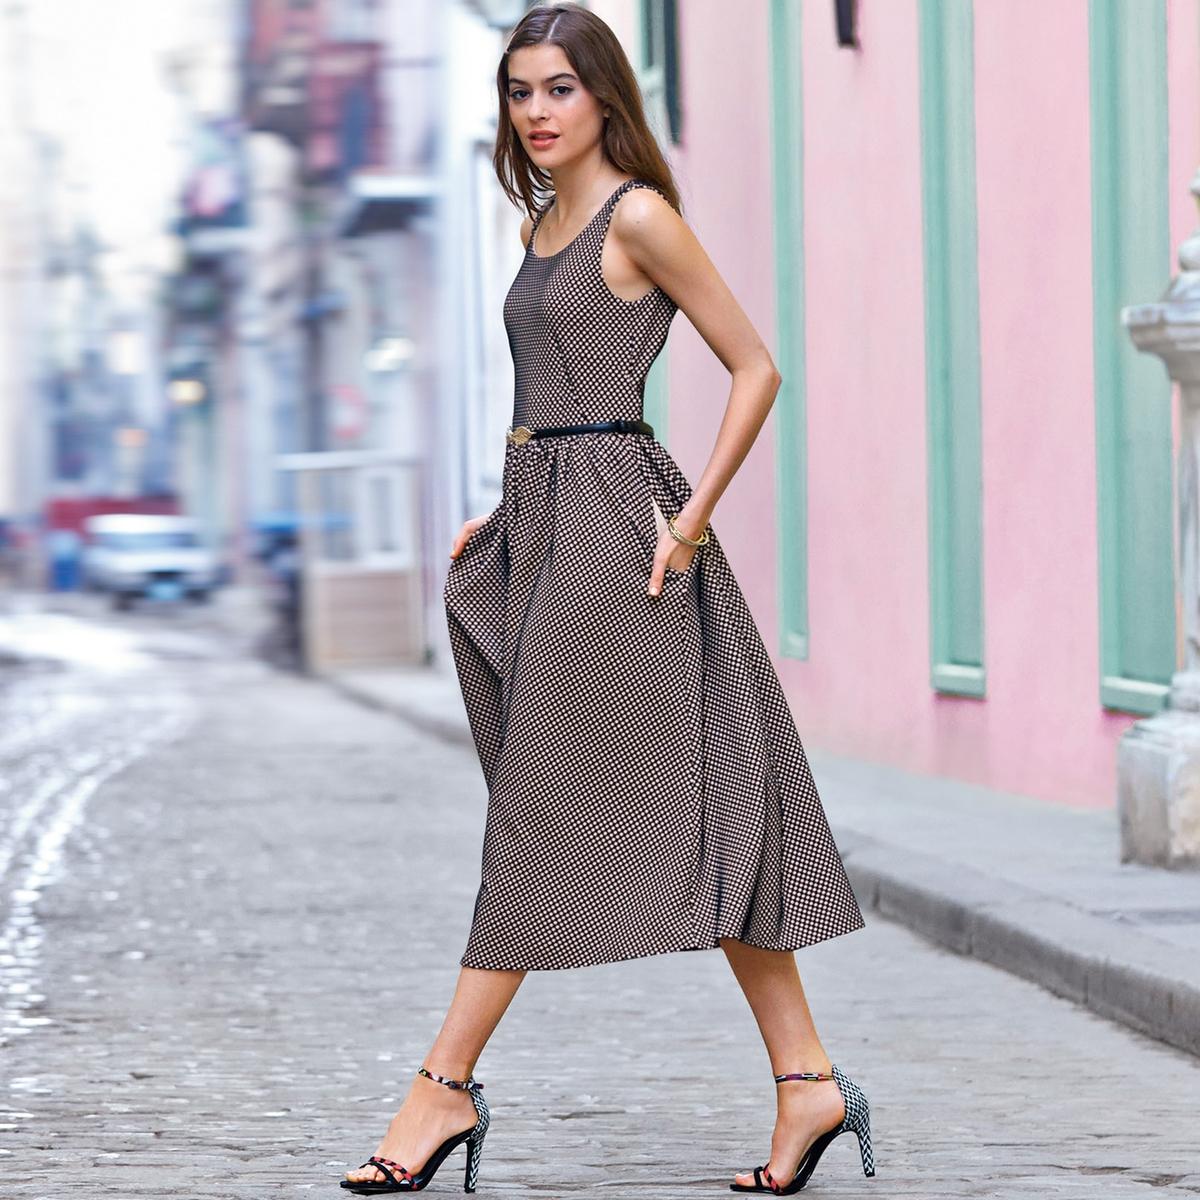 Платье-трапецияПлатье-трапеция из трикотажа в контрастный горошек, 100% полиэстера. Закругленный вырез. Вырез сзади. Без рукавов. Длина ок.120 см.<br><br>Цвет: черный/телесный<br>Размер: 38 (FR) - 44 (RUS)